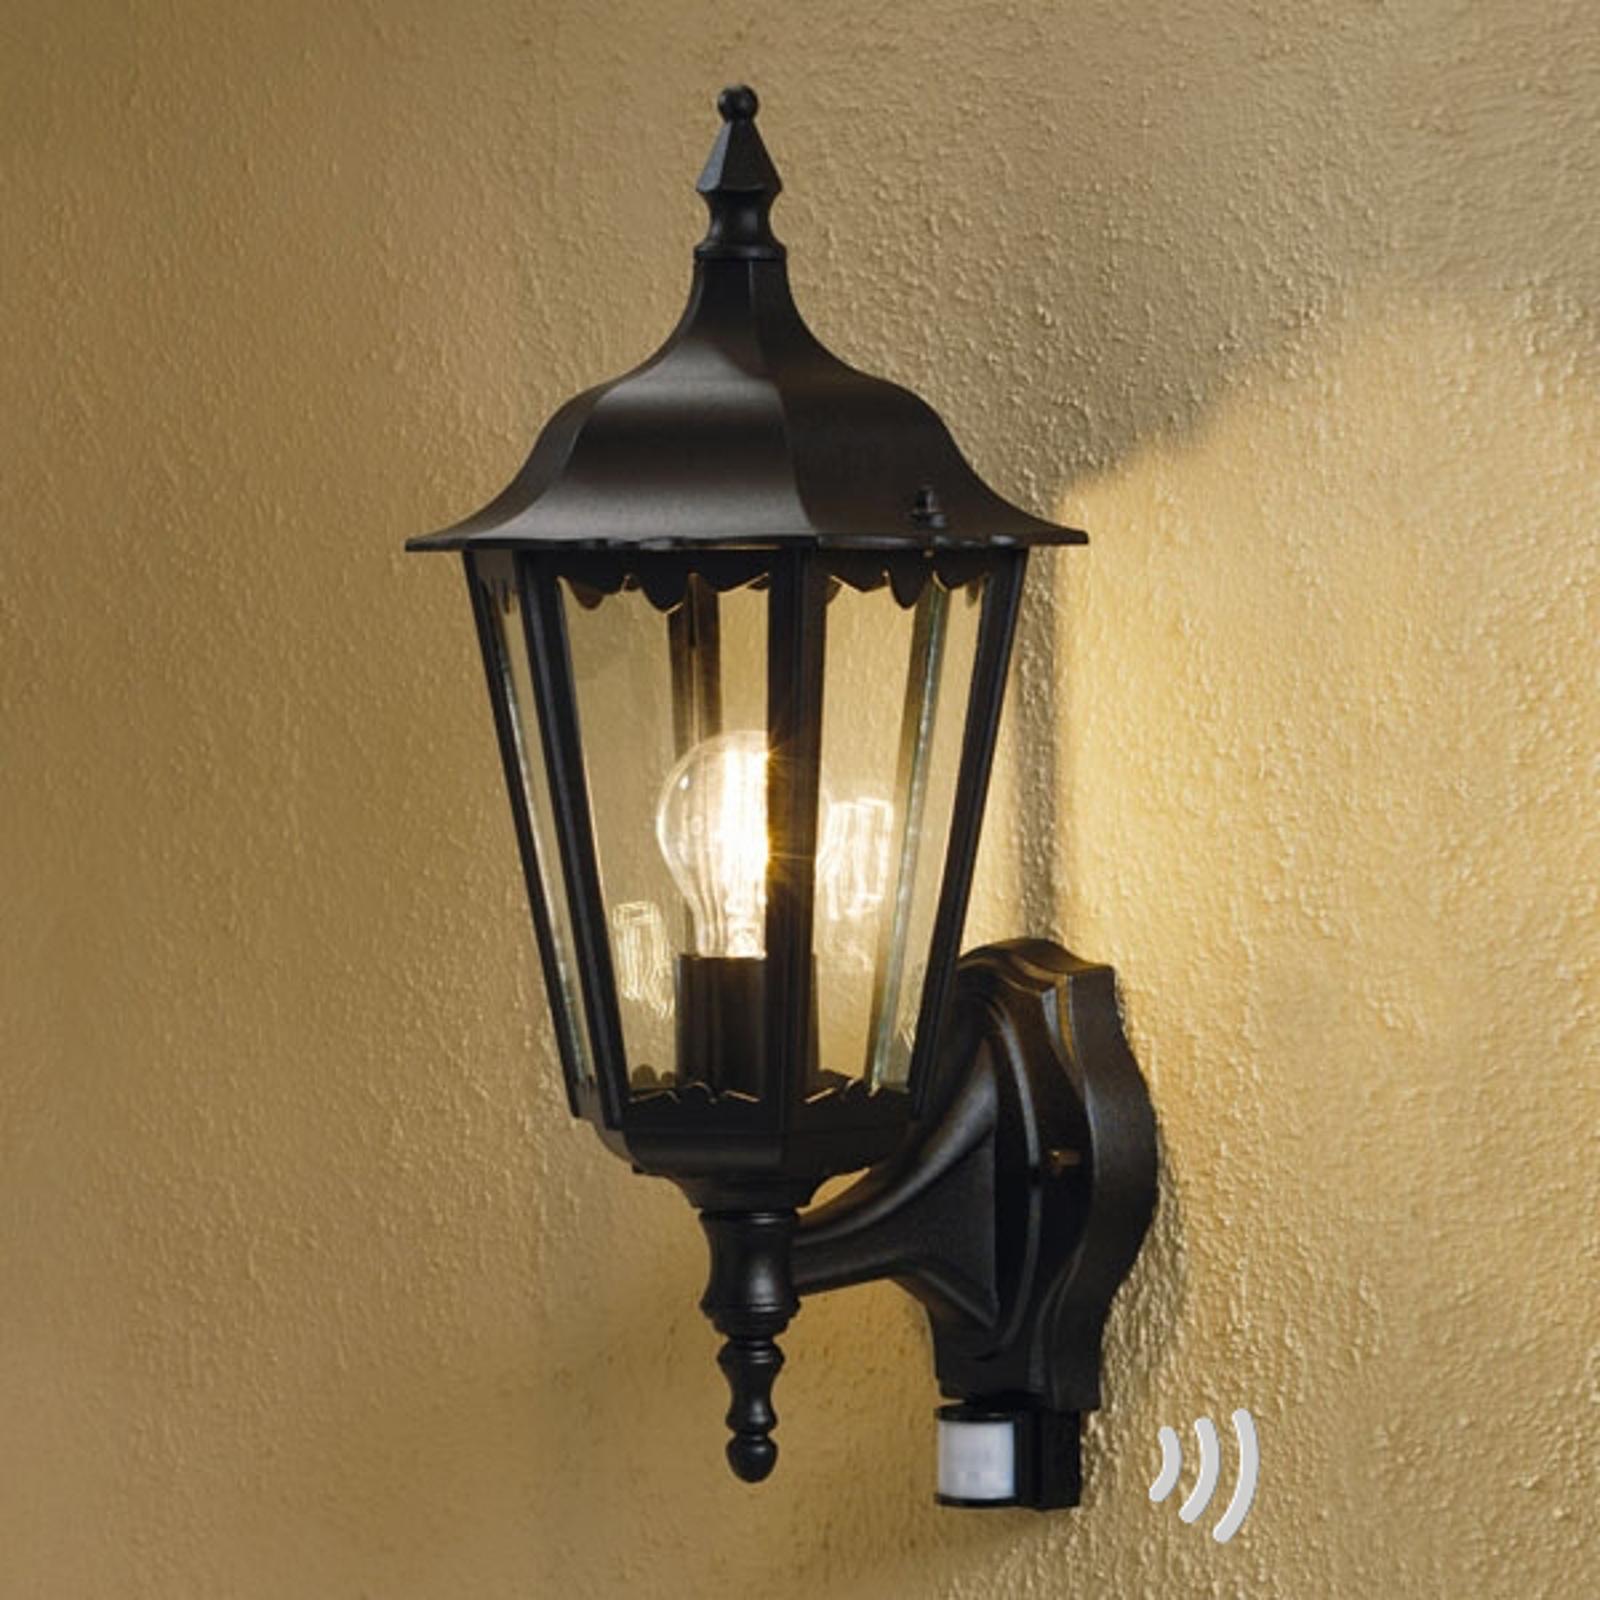 Buitenwandlamp Firenze, sensor, staand, zwart